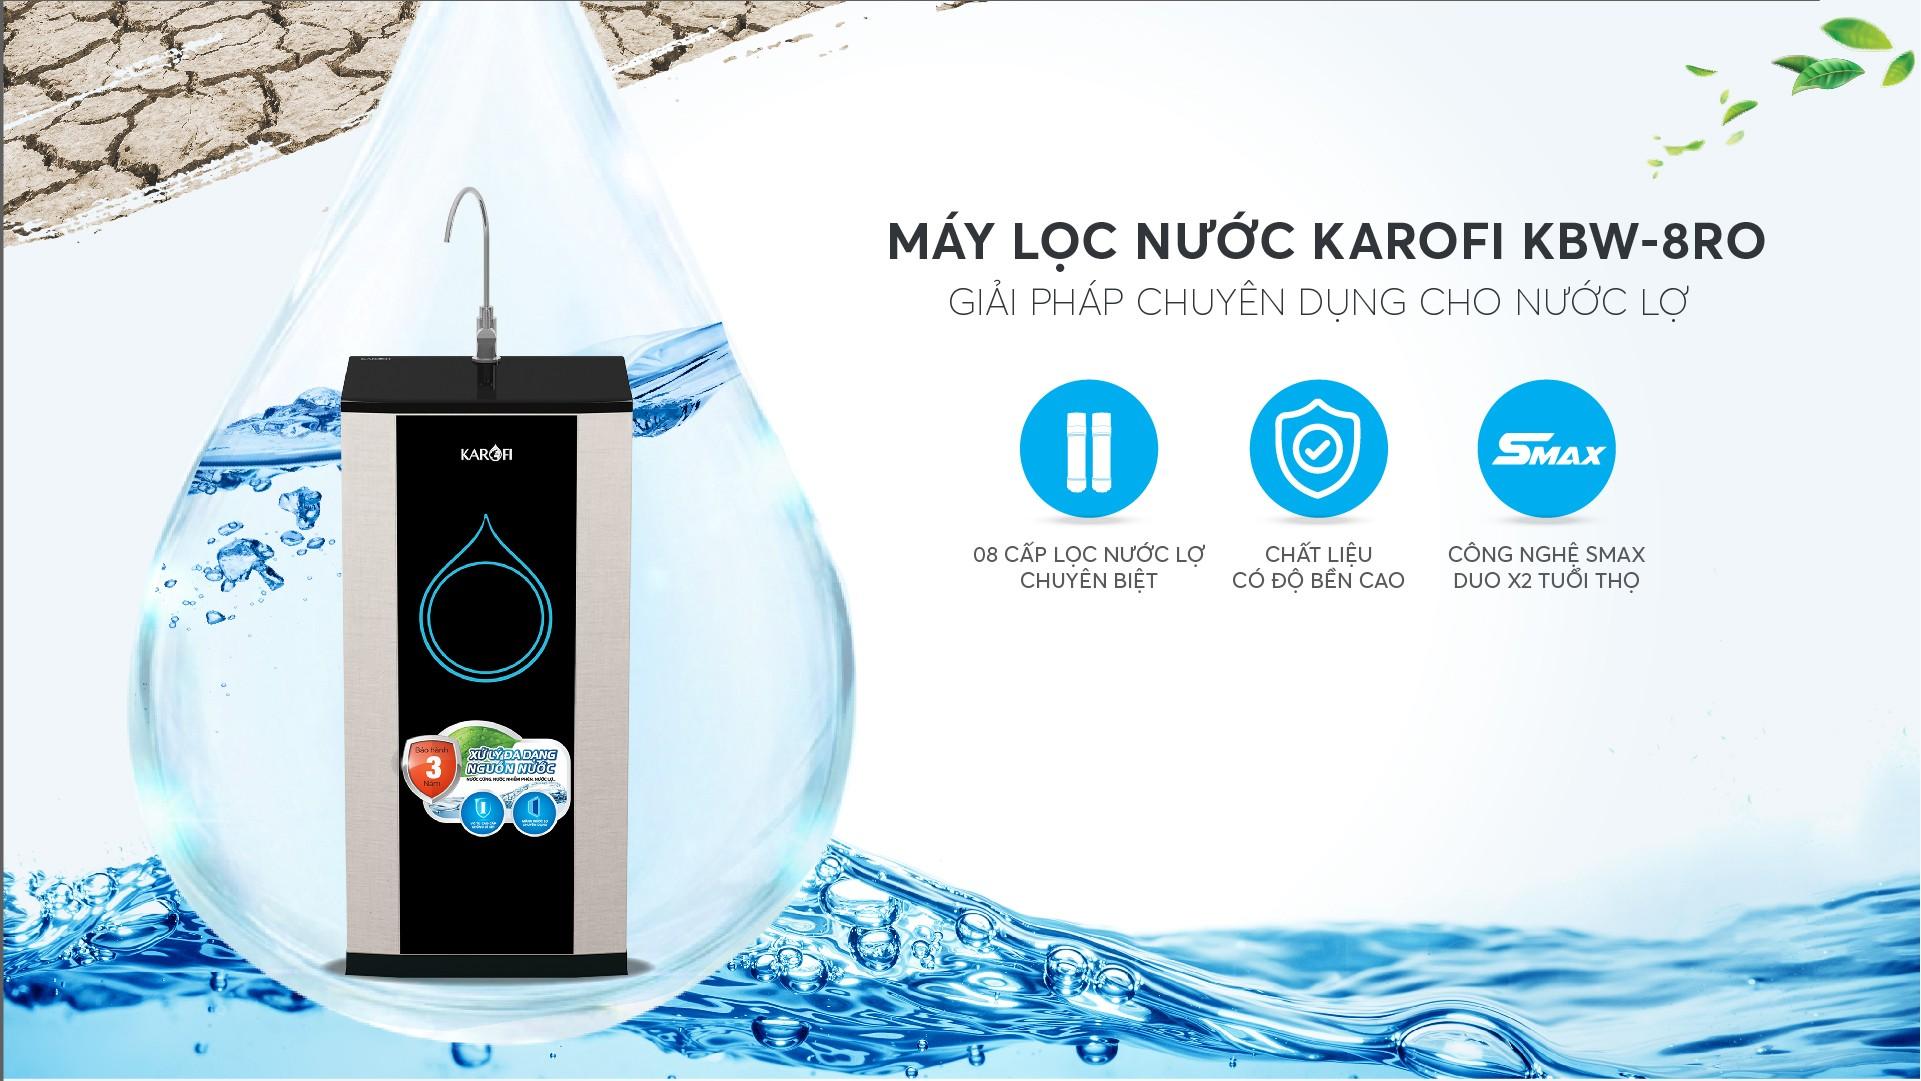 máy lọc nước lợ karofi kbw-8ro giá rẻ